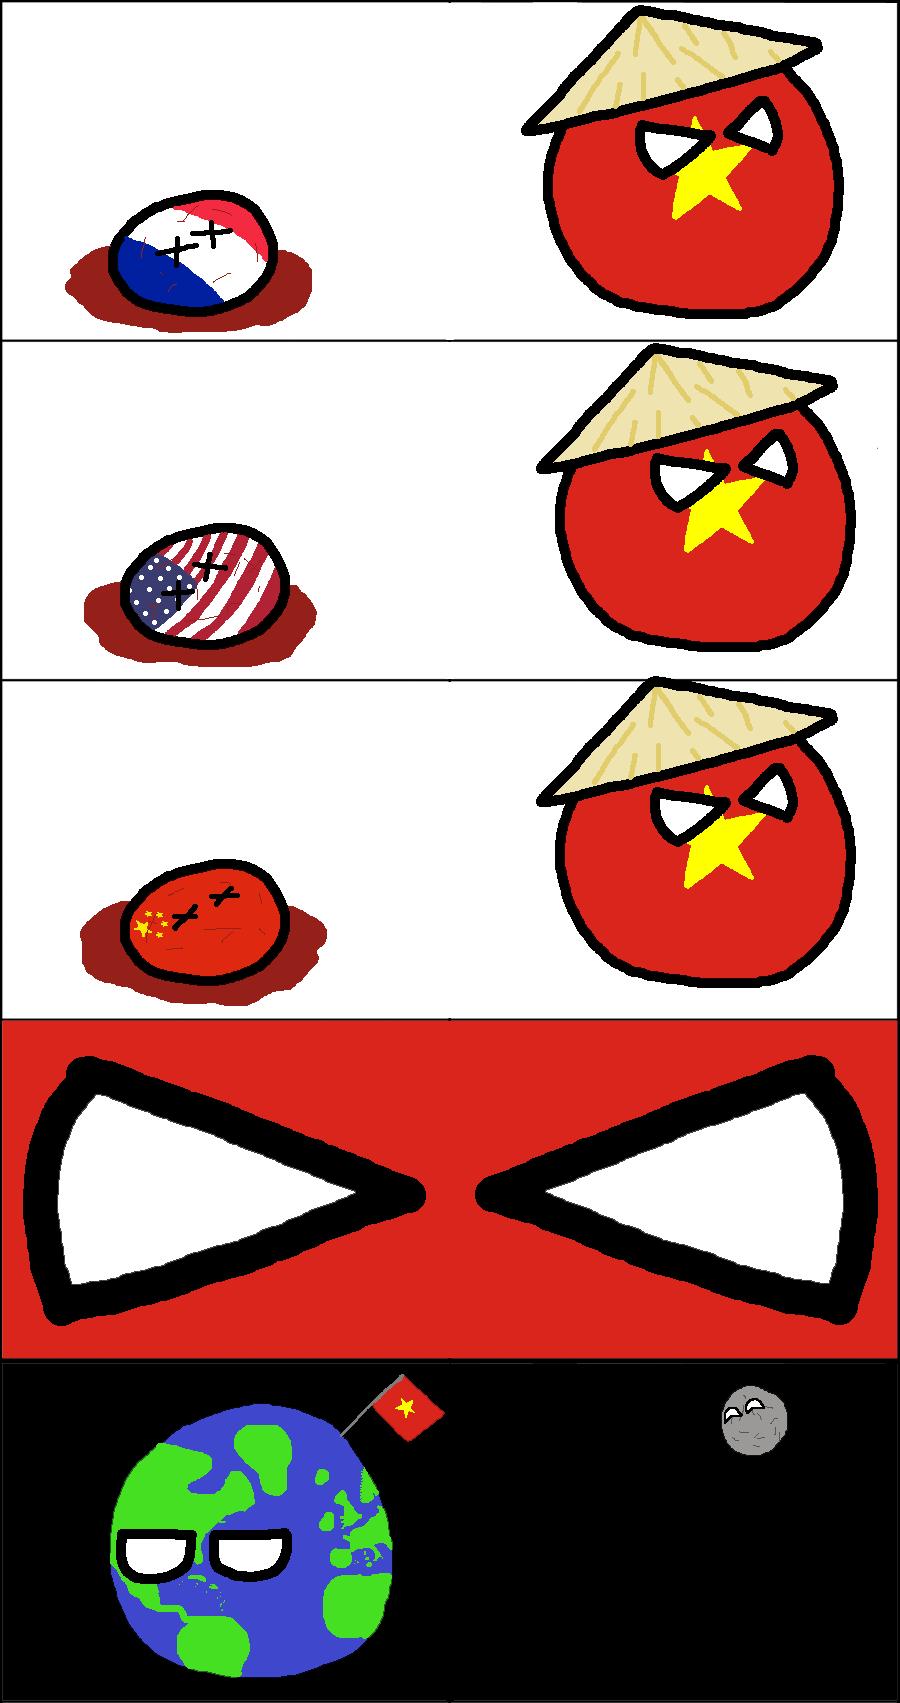 ベトナムを怒らせちゃいけないよ (1)